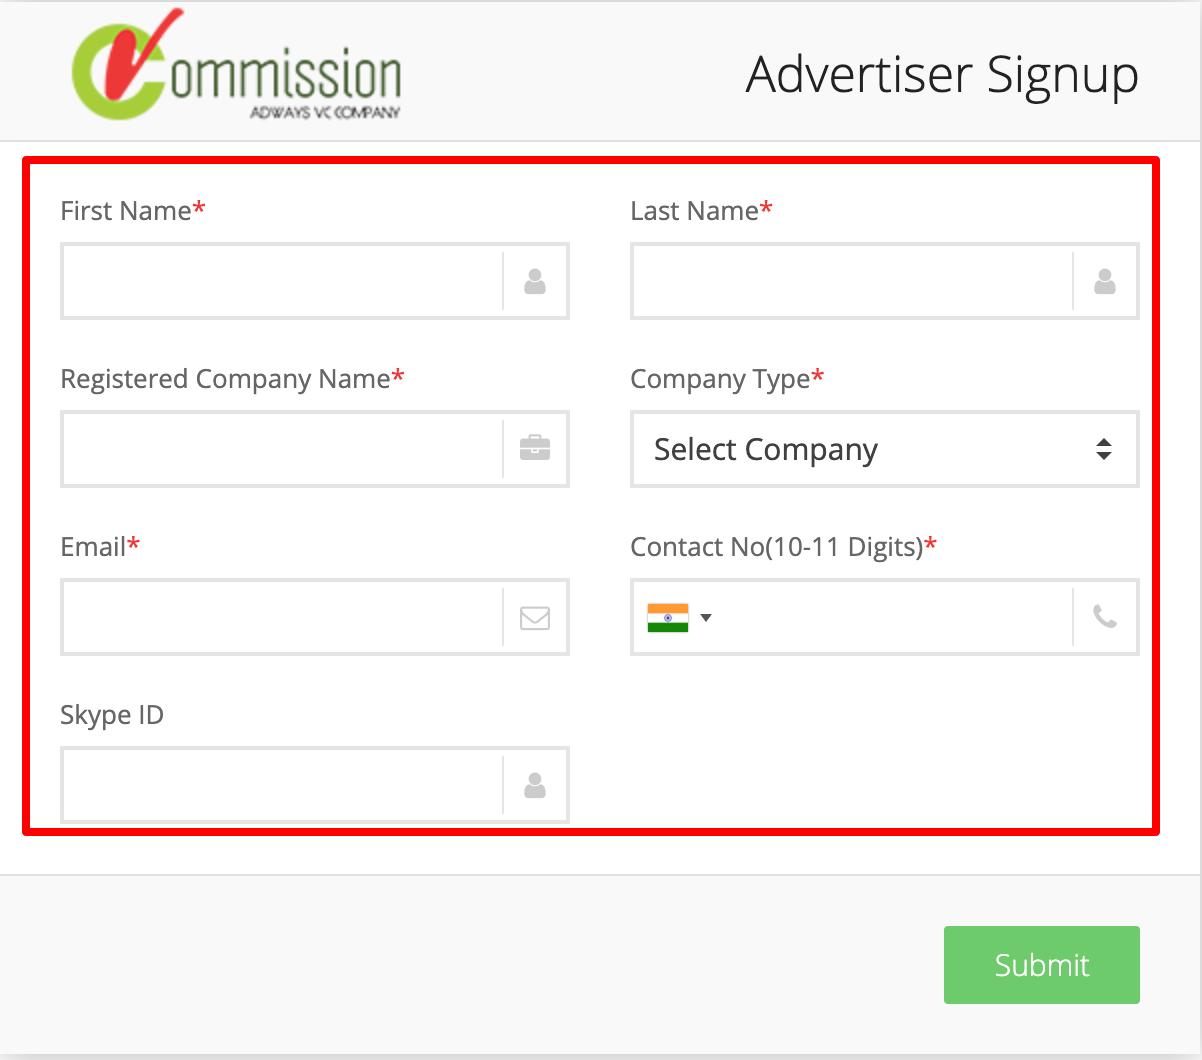 Advertiser Signup – vCommission Sign Up